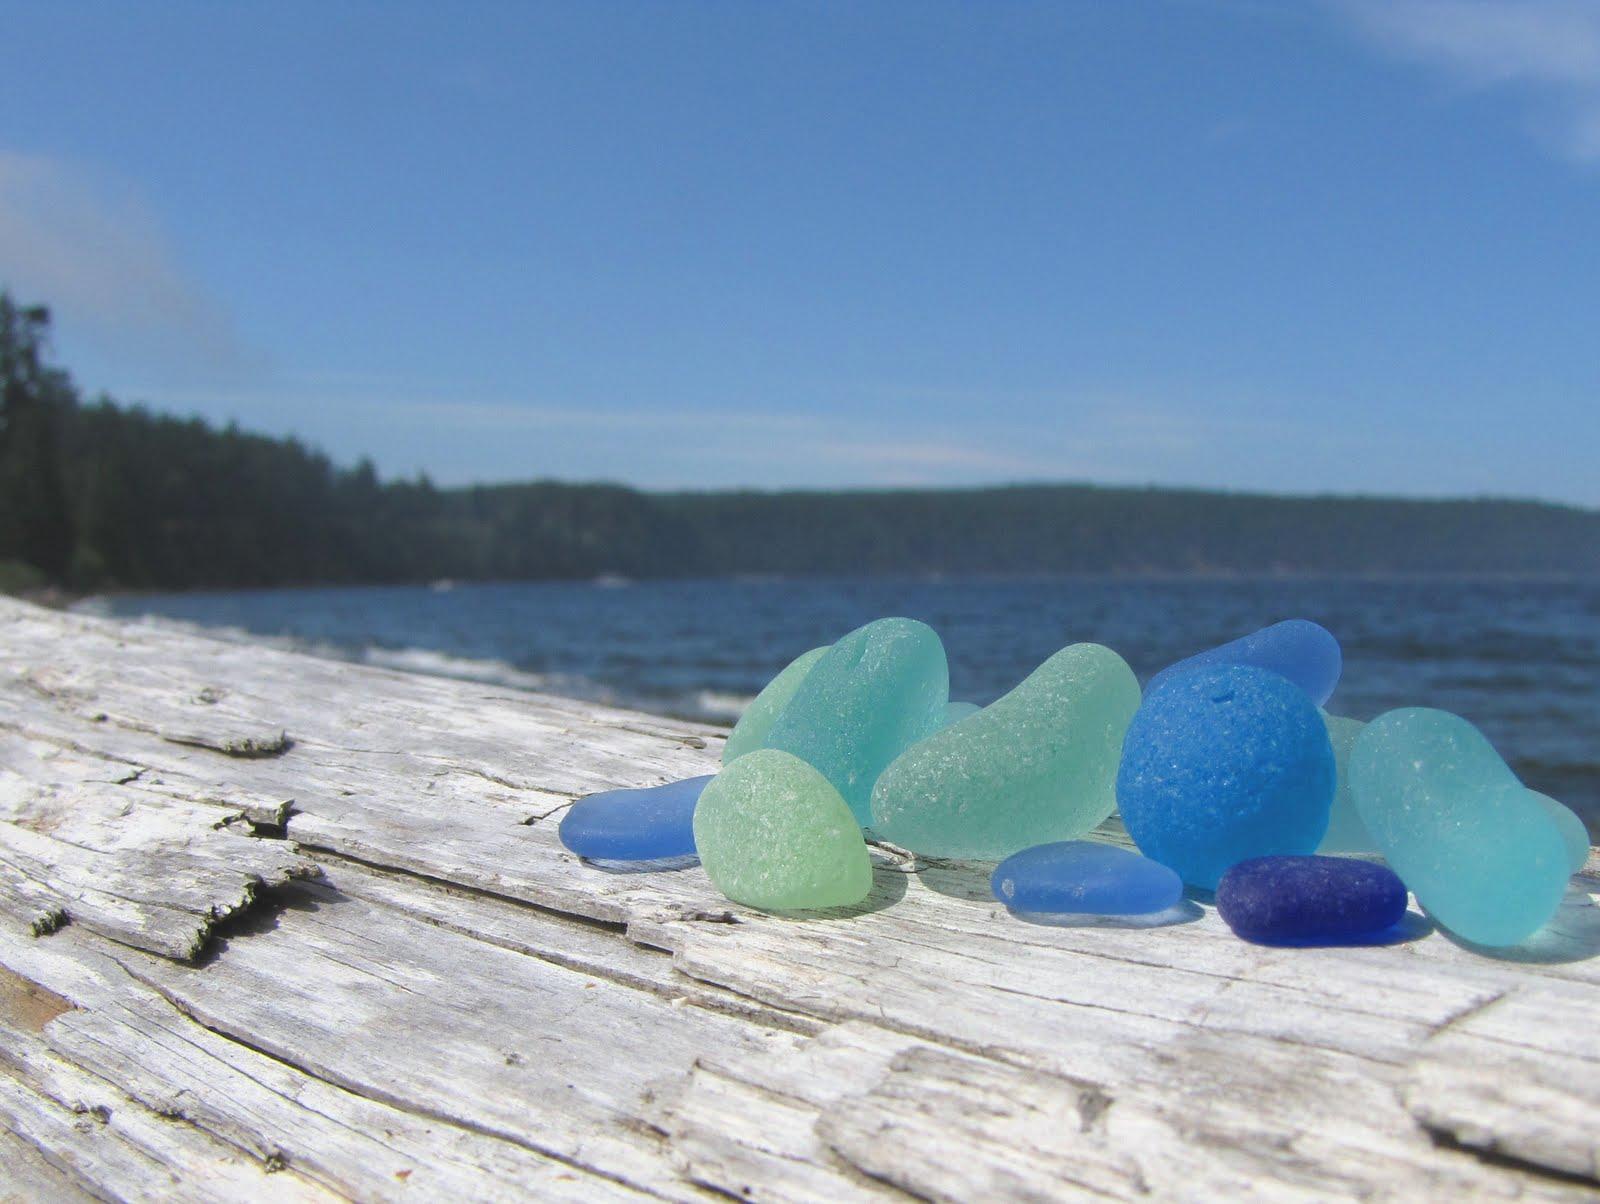 обкатанное морем стекло, синий, бирюзовый